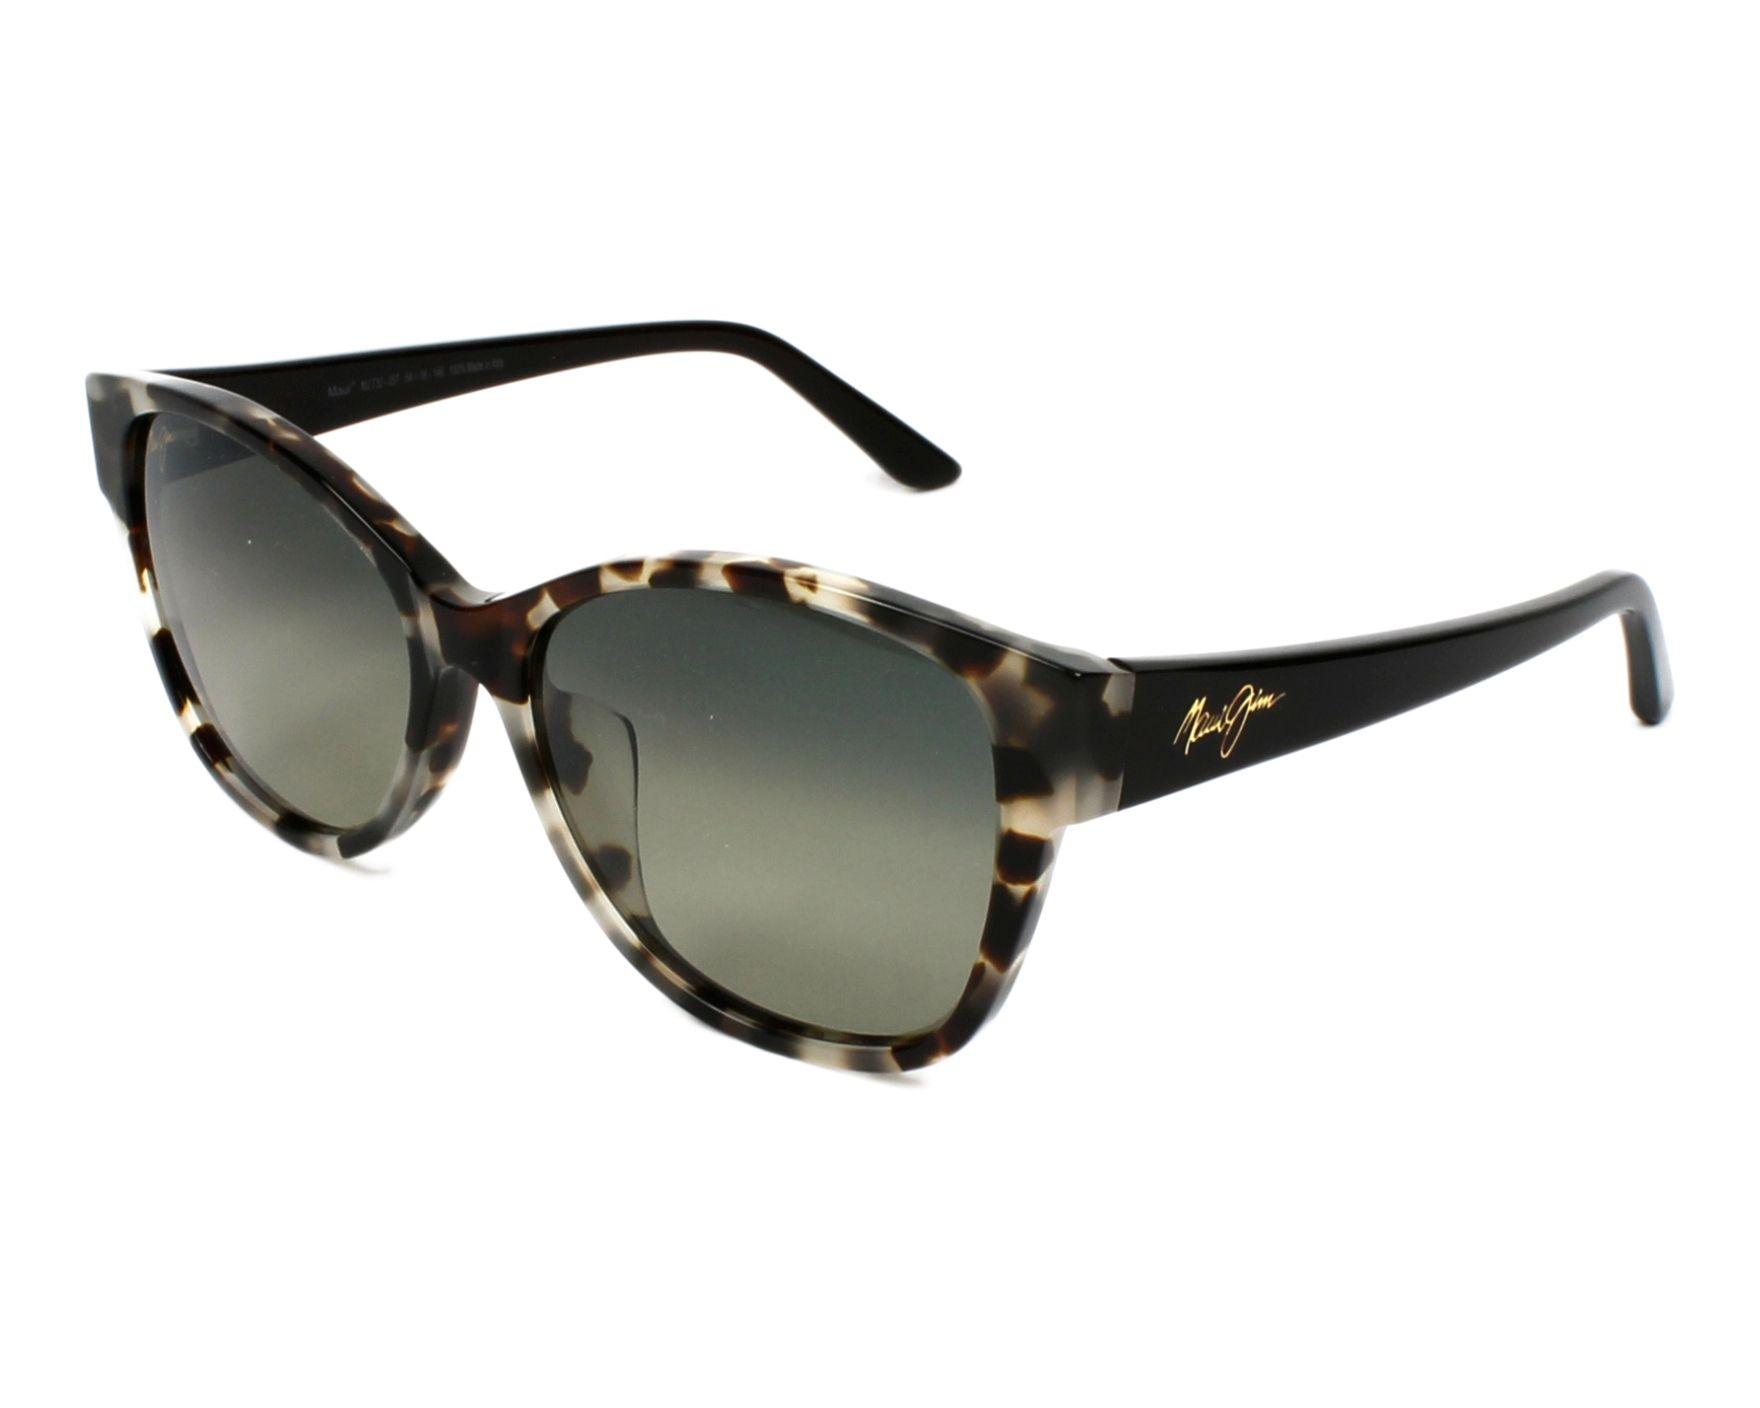 262d4cad6de5 Sunglasses Maui Jim GS-732 05T - Havana Brown profile view